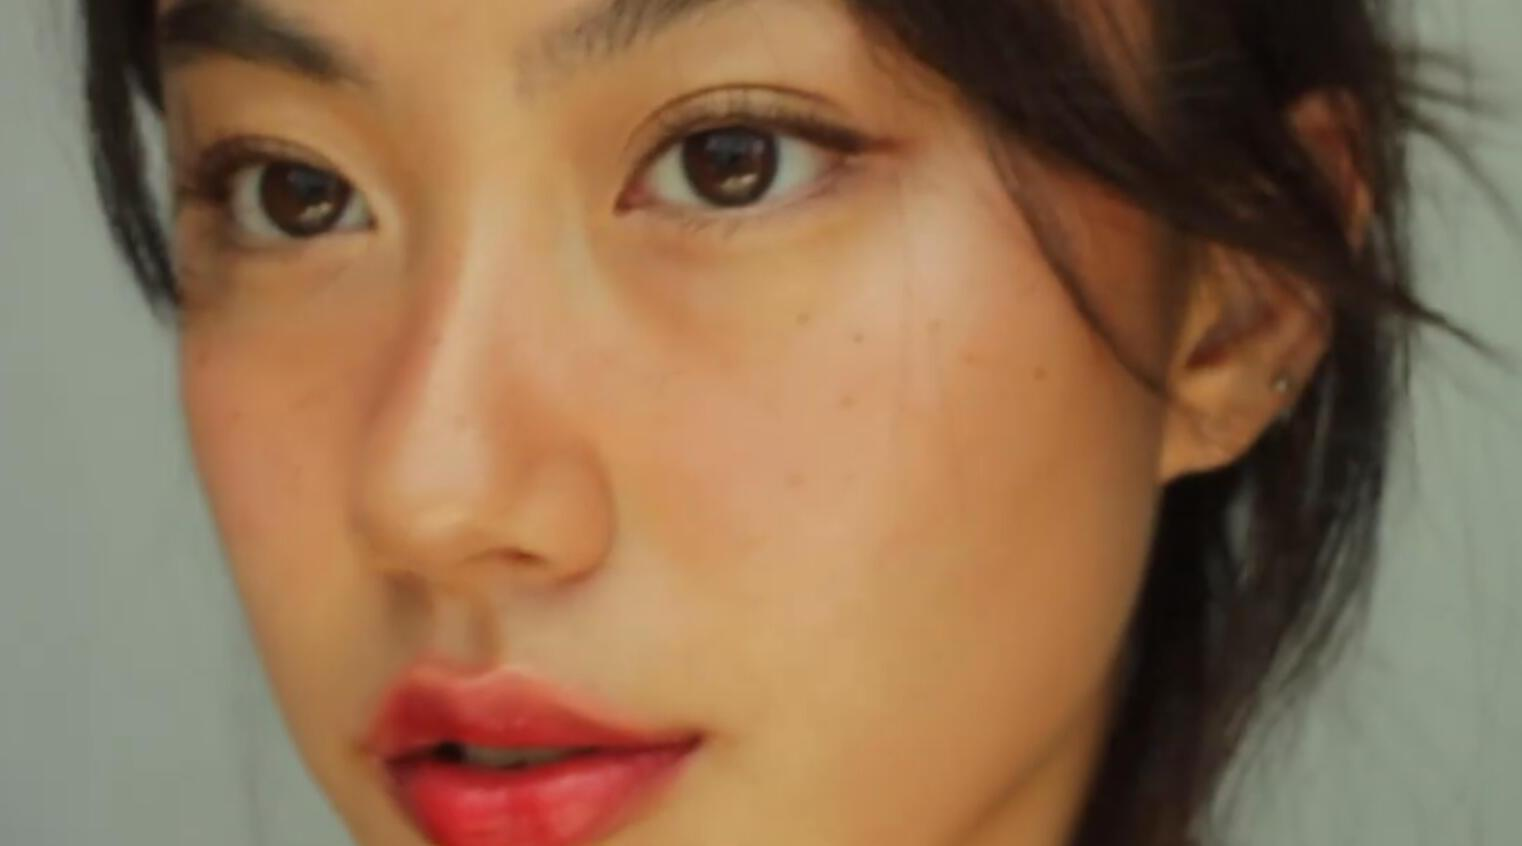 Sun-Kissed Makeup,发现健康小麦色肌肤的美,不依赖底妆遮瑕